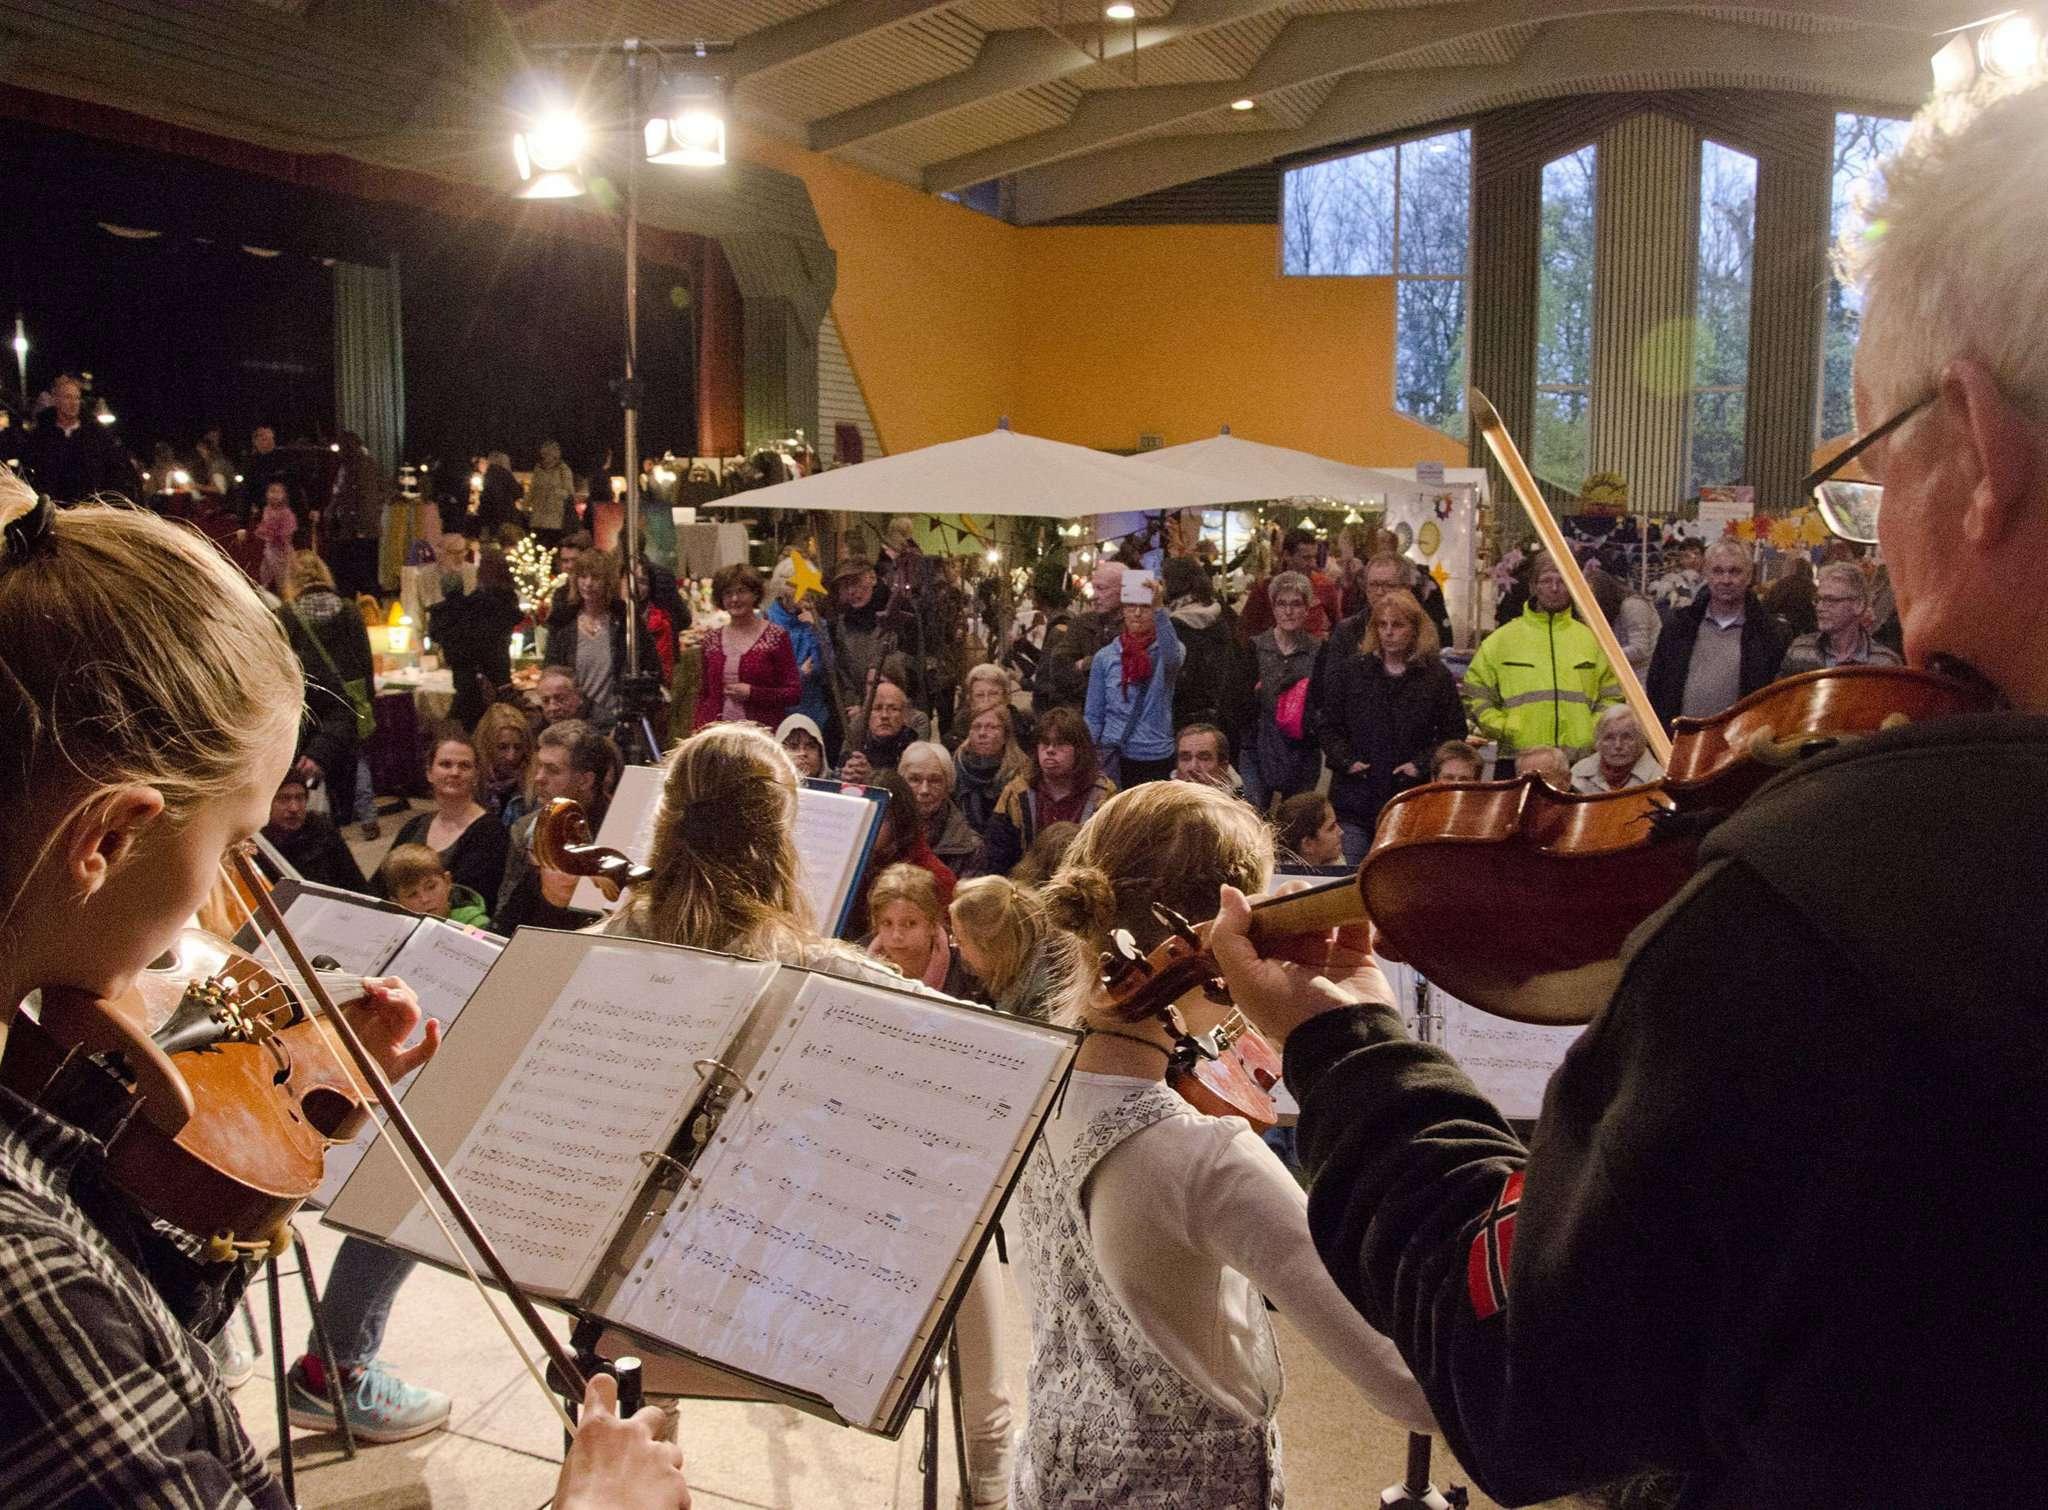 Auf dem Novembermarkt der Freien Rudolf Steiner Schule in Ottersberg gibt es, neben musikalischen Darbietungen, auch Handwerkskunst jedweder Couleur.